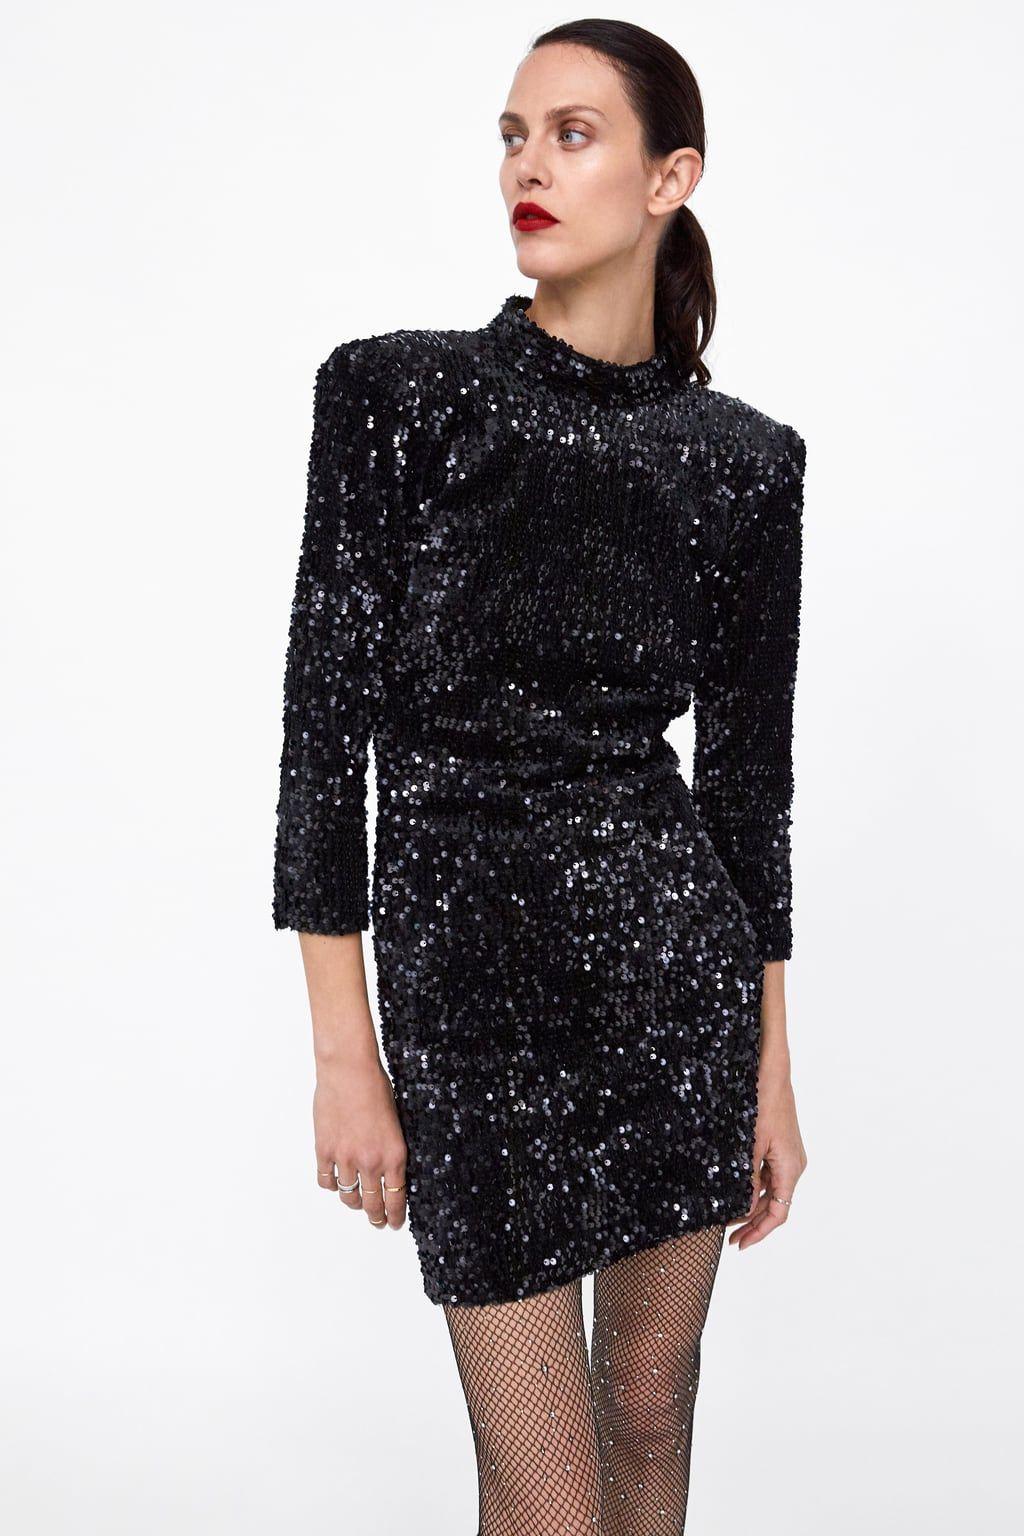 Vestidos de fiesta para nochevieja 2019